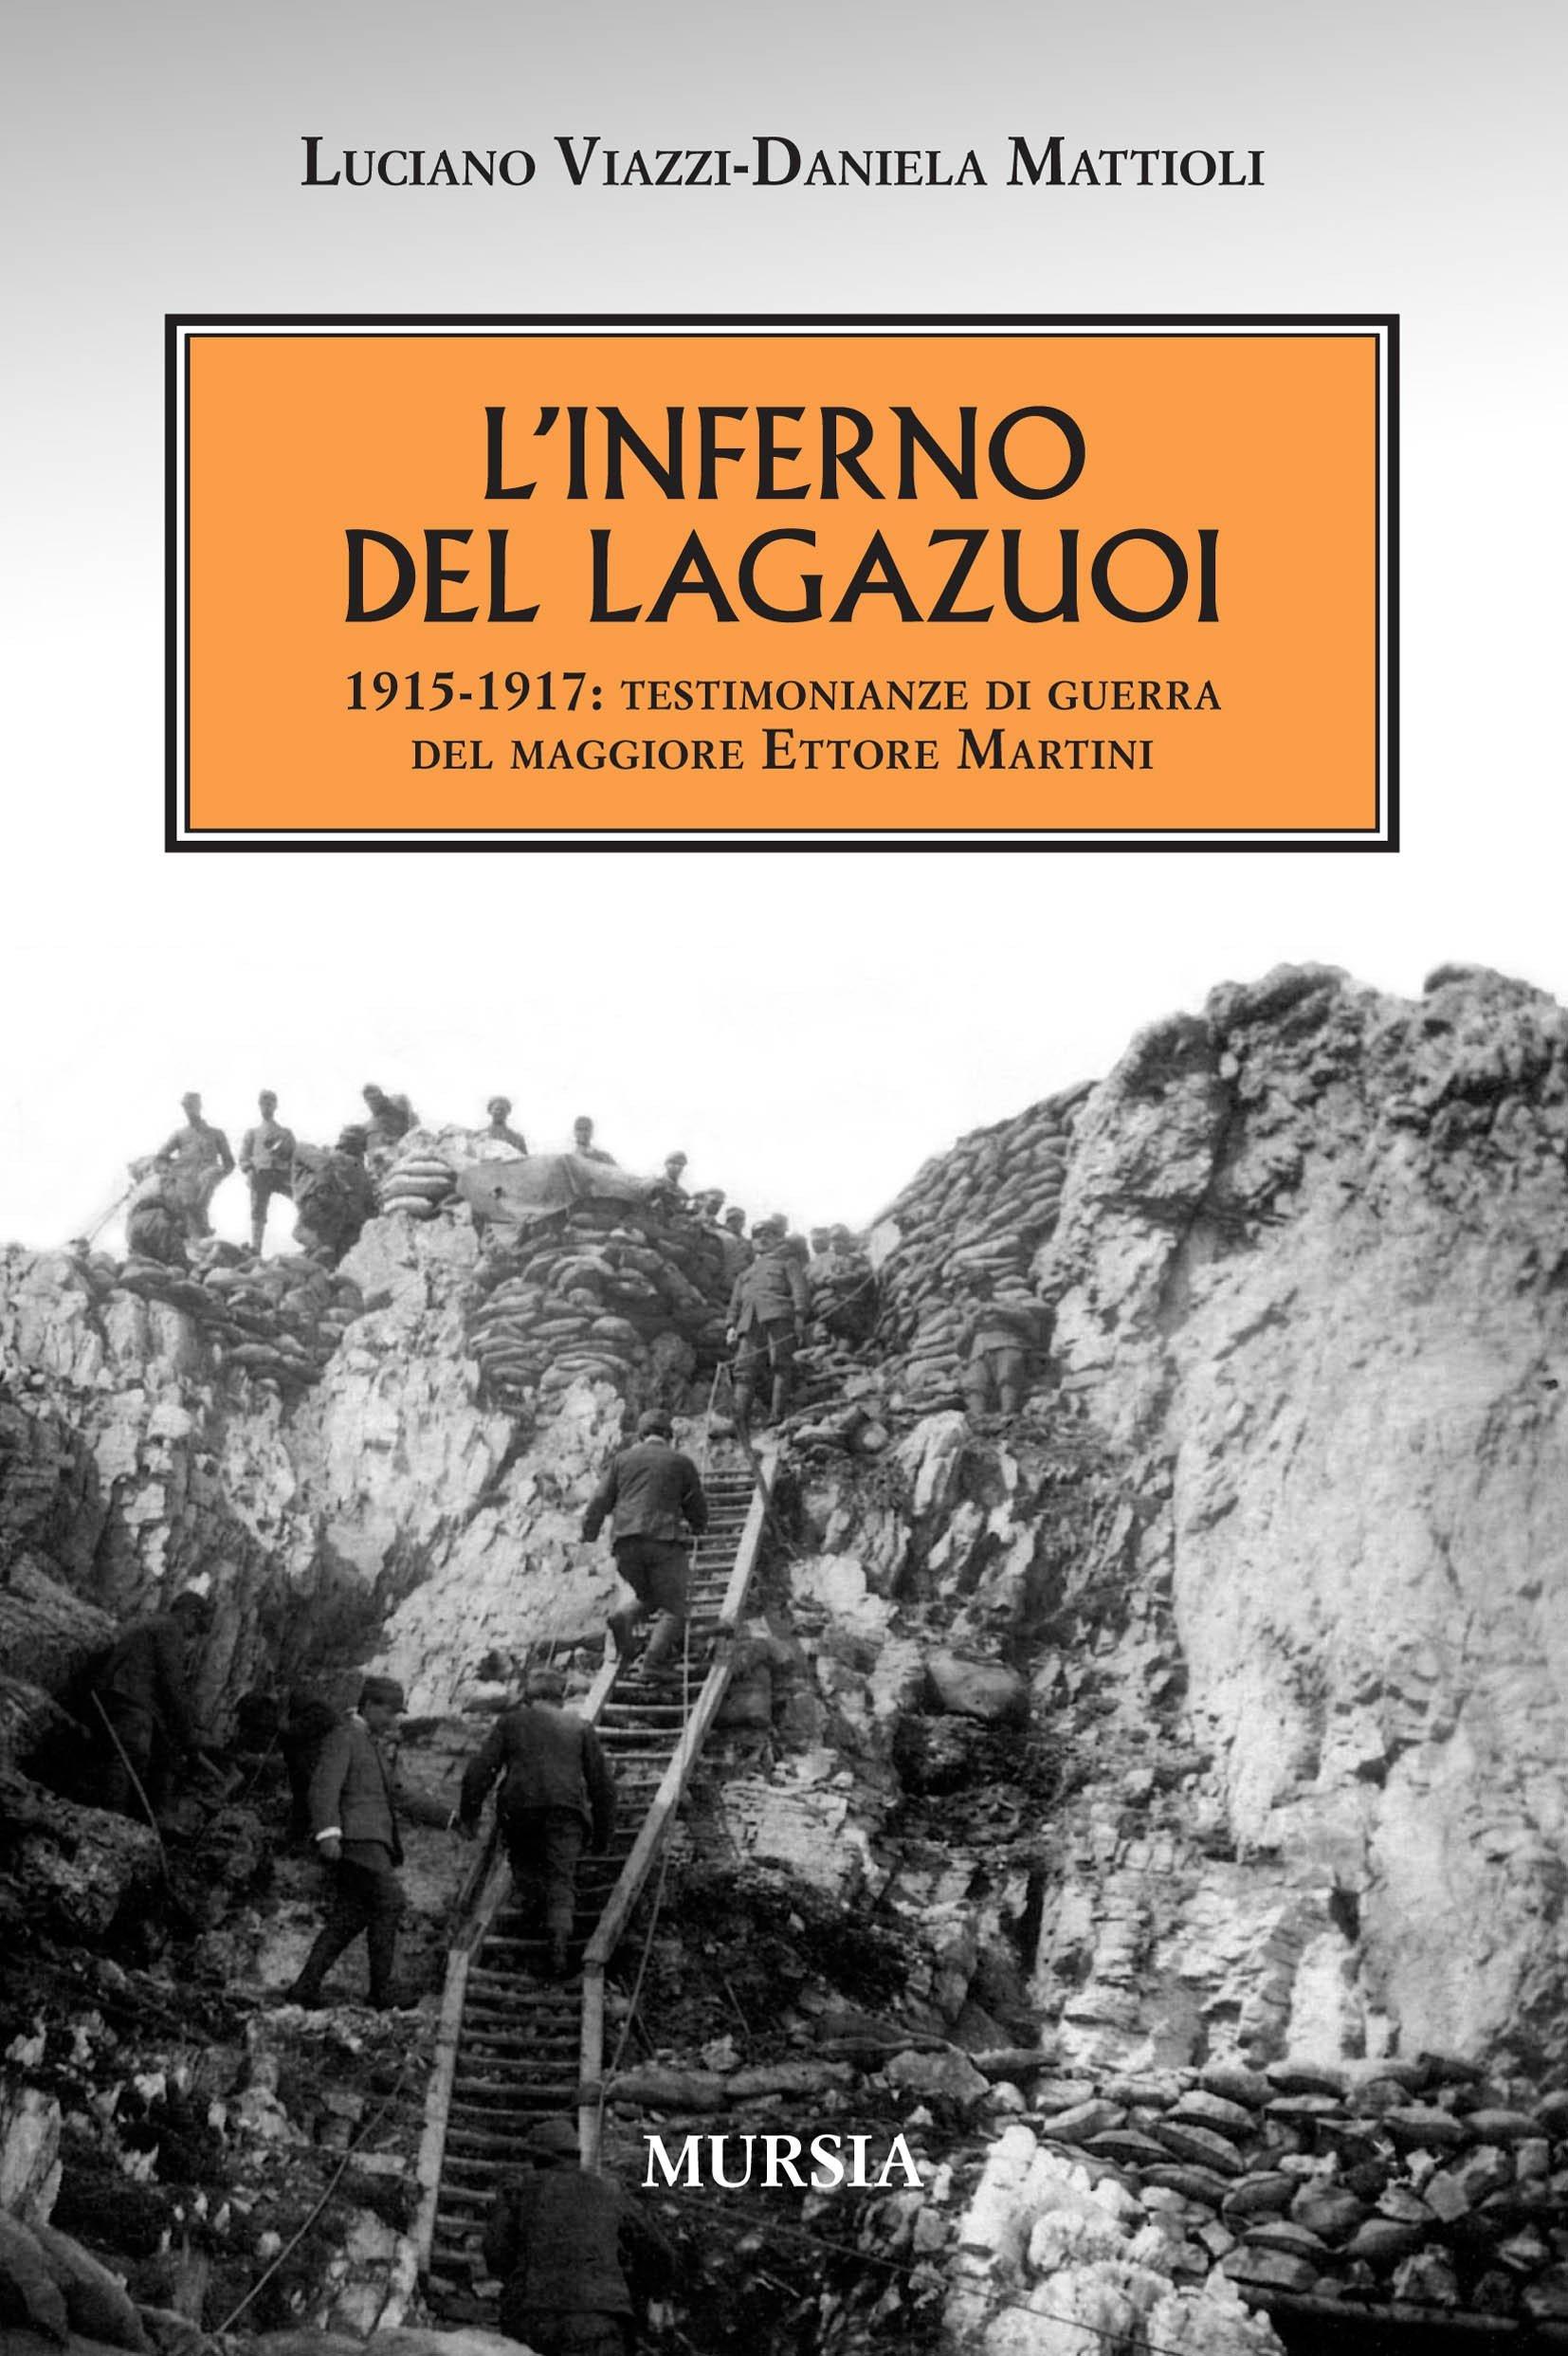 l-inferno-del-lagazuoi-1915-1917-testimonianze-di-guerra-del-maggiore-ettore-martini